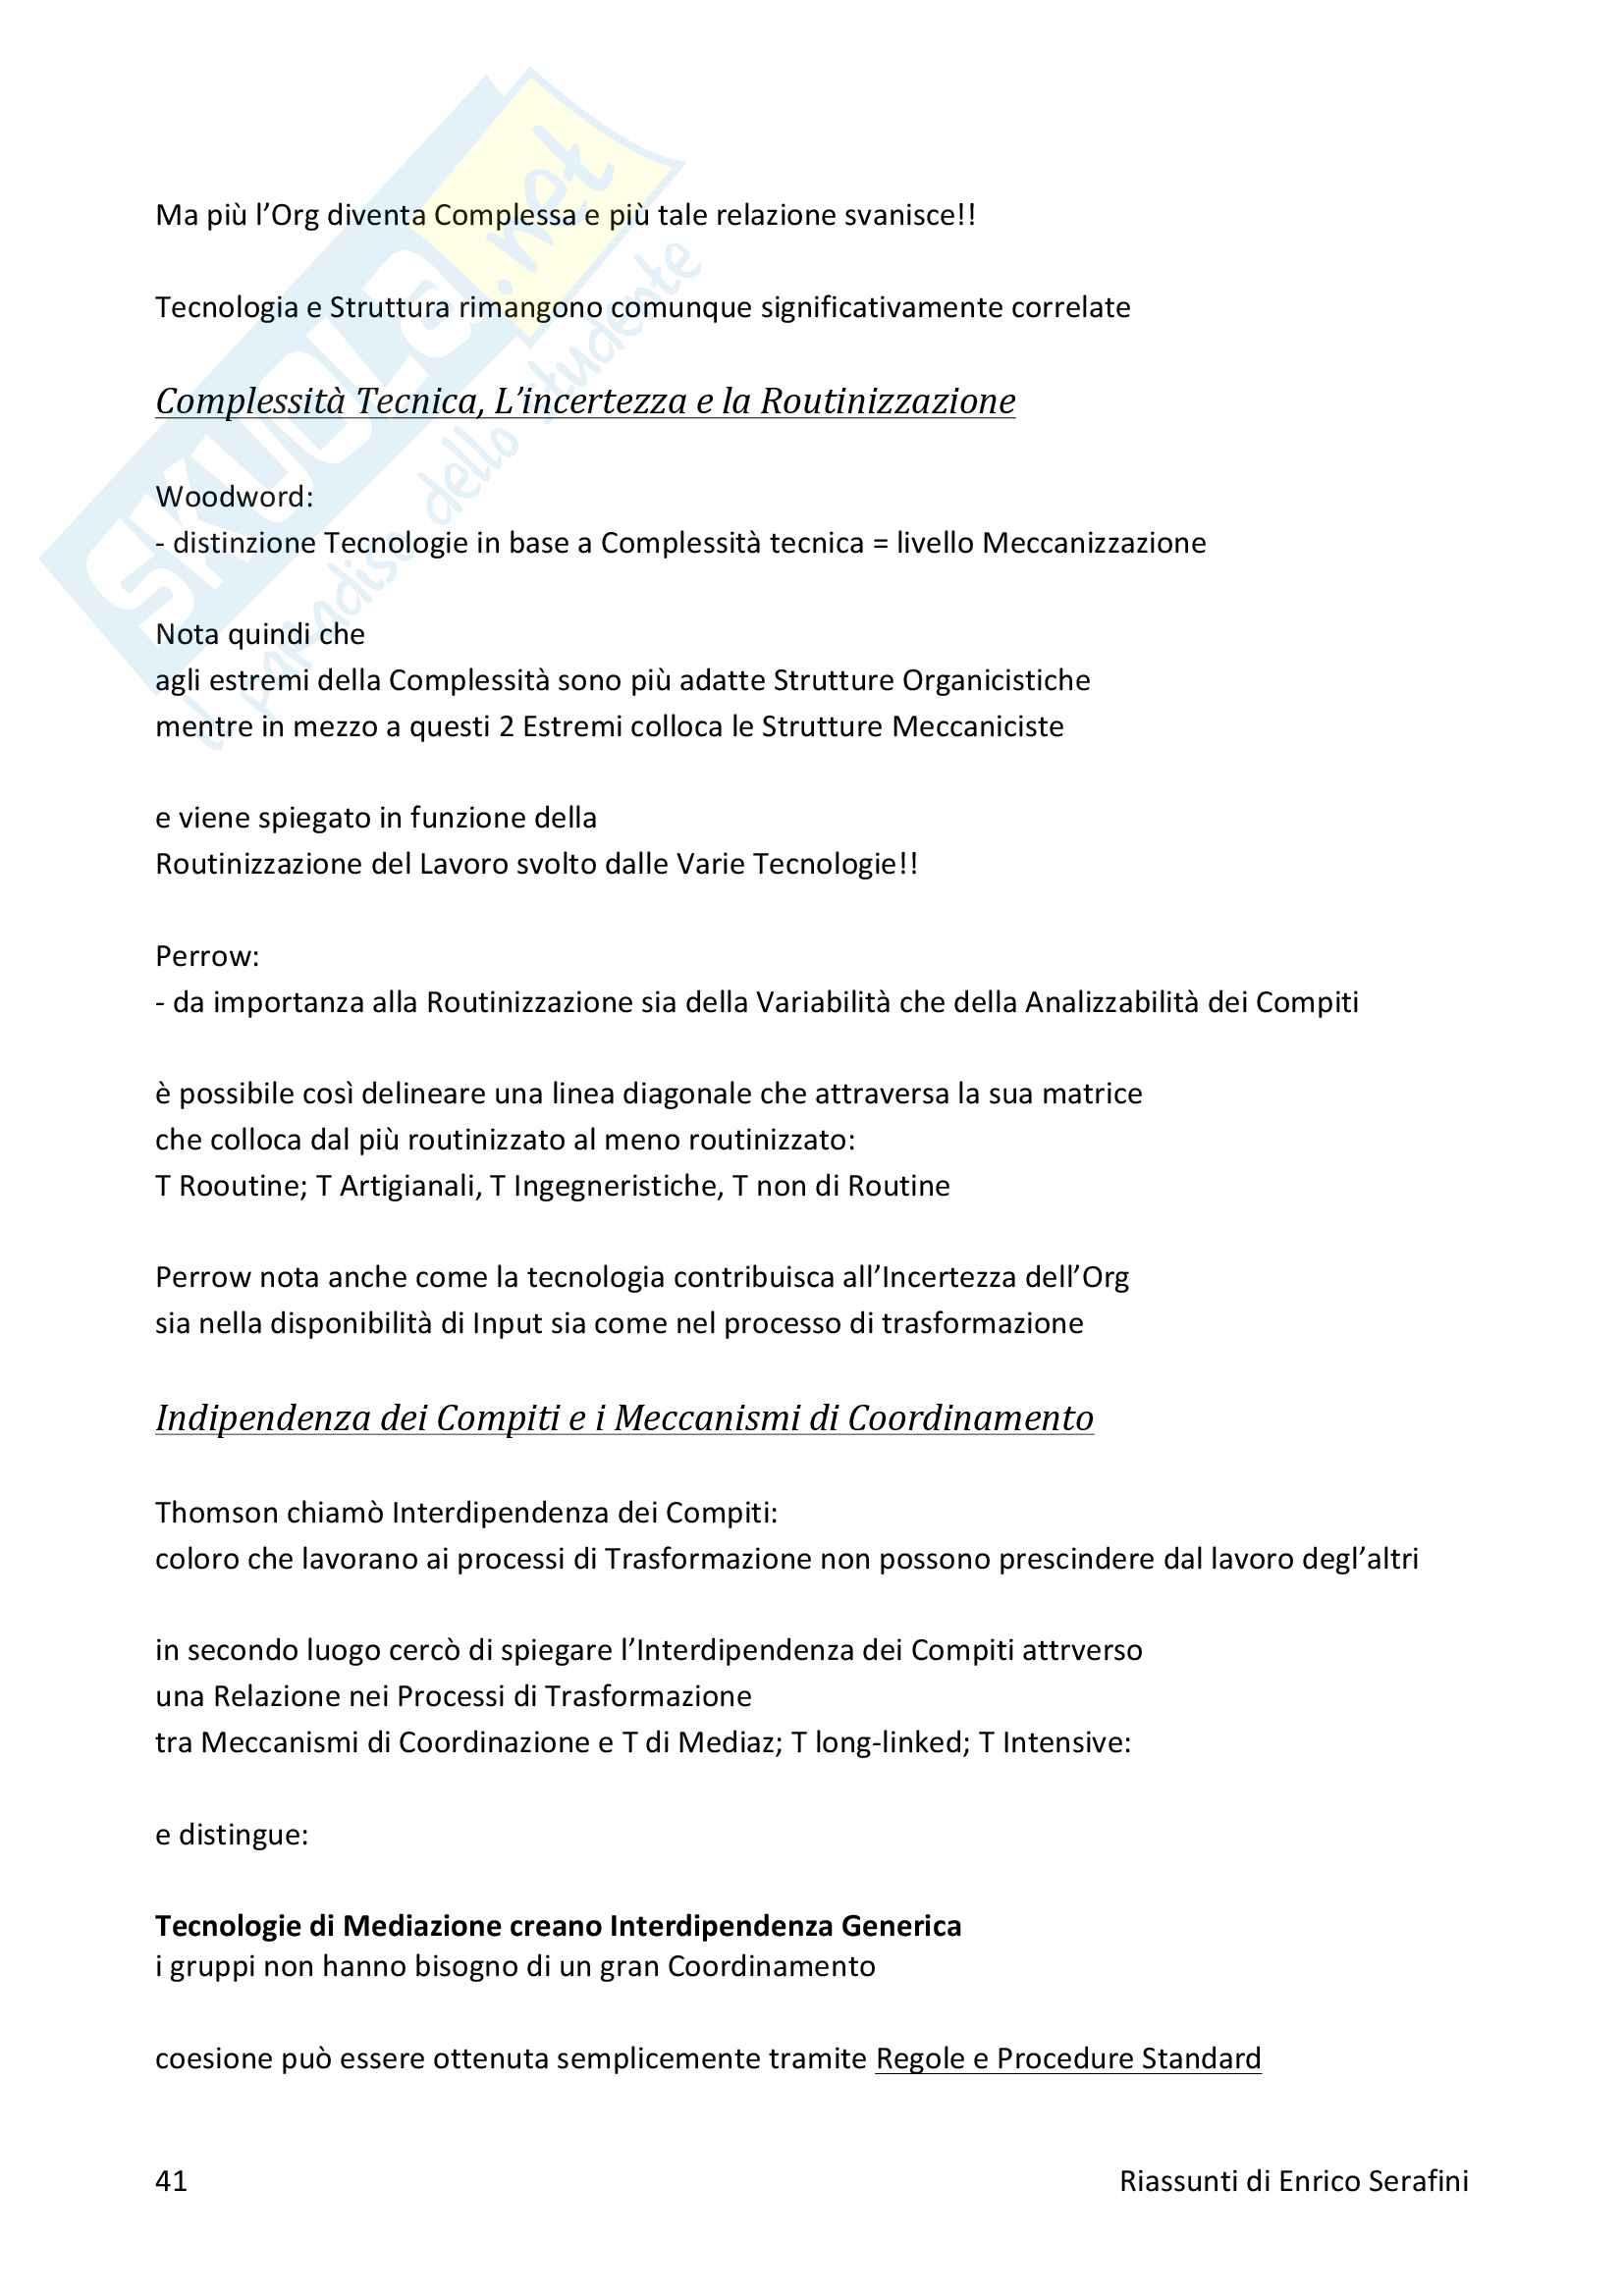 Riassunto esame Psicologia clinica dei gruppi e delle organizzazioni, docente Ripamonti, libro consigliato Teoria dell'Organizzazione Pag. 41